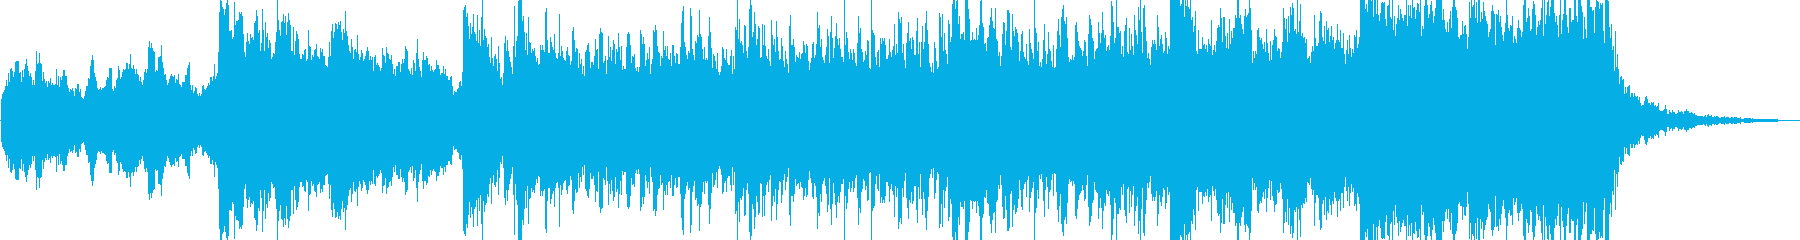 雄大な威厳あるオーケストラトラックの再生済みの波形